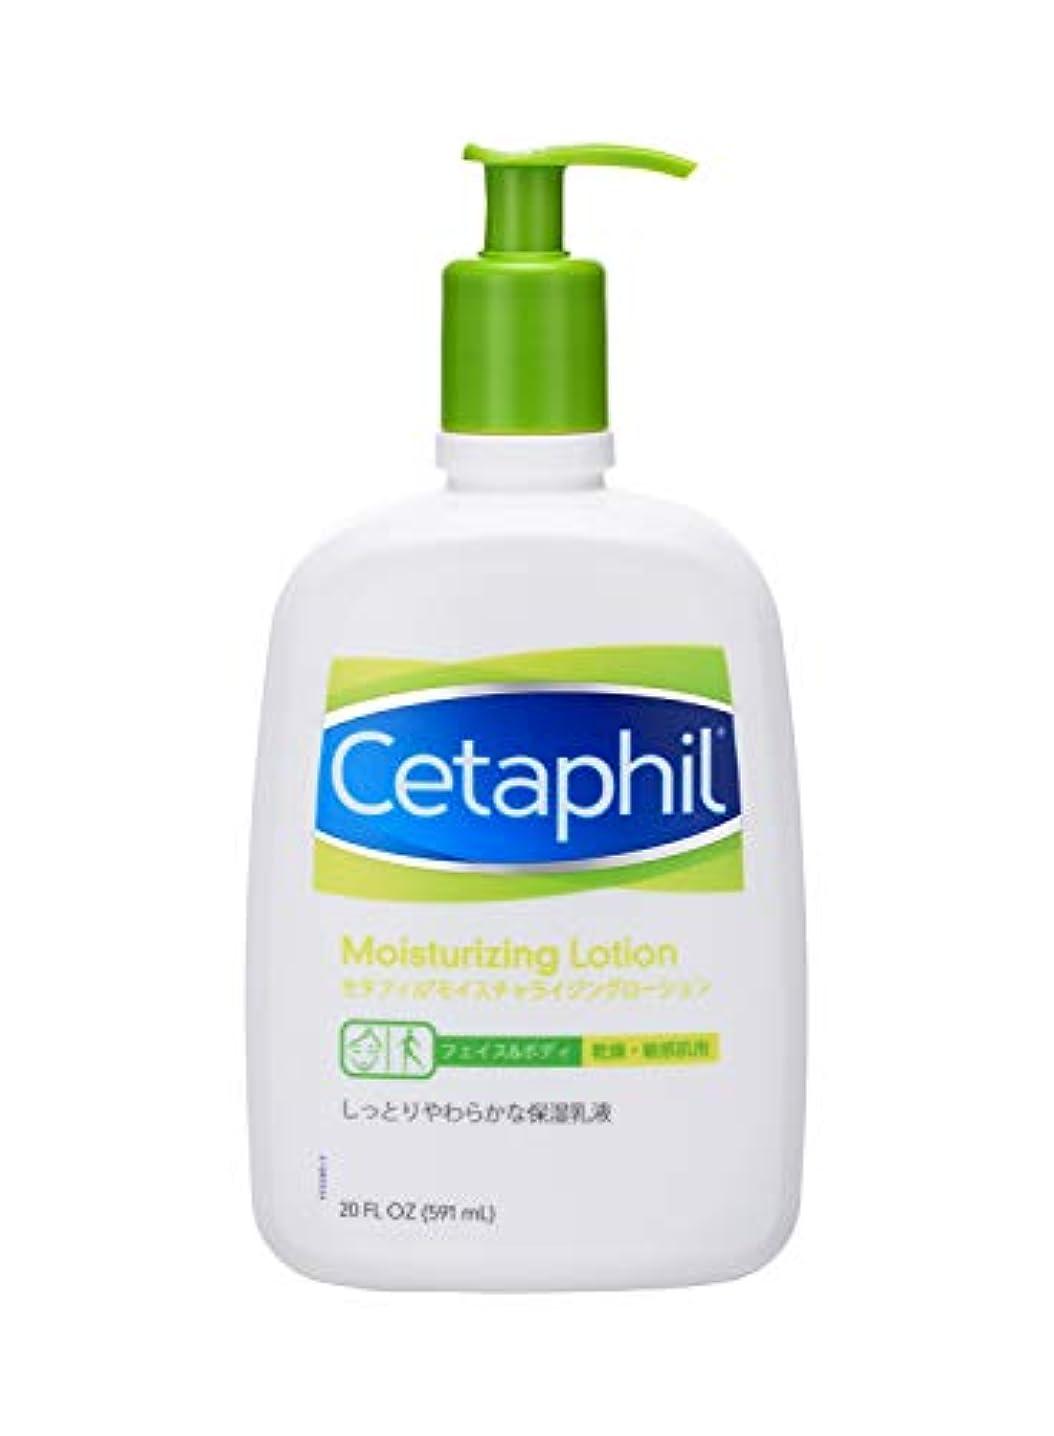 インタビュー優雅な死んでいるセタフィル Cetaphil ® モイスチャライジングローション 591ml ( フェイス & ボディ 保湿乳液 ローション )